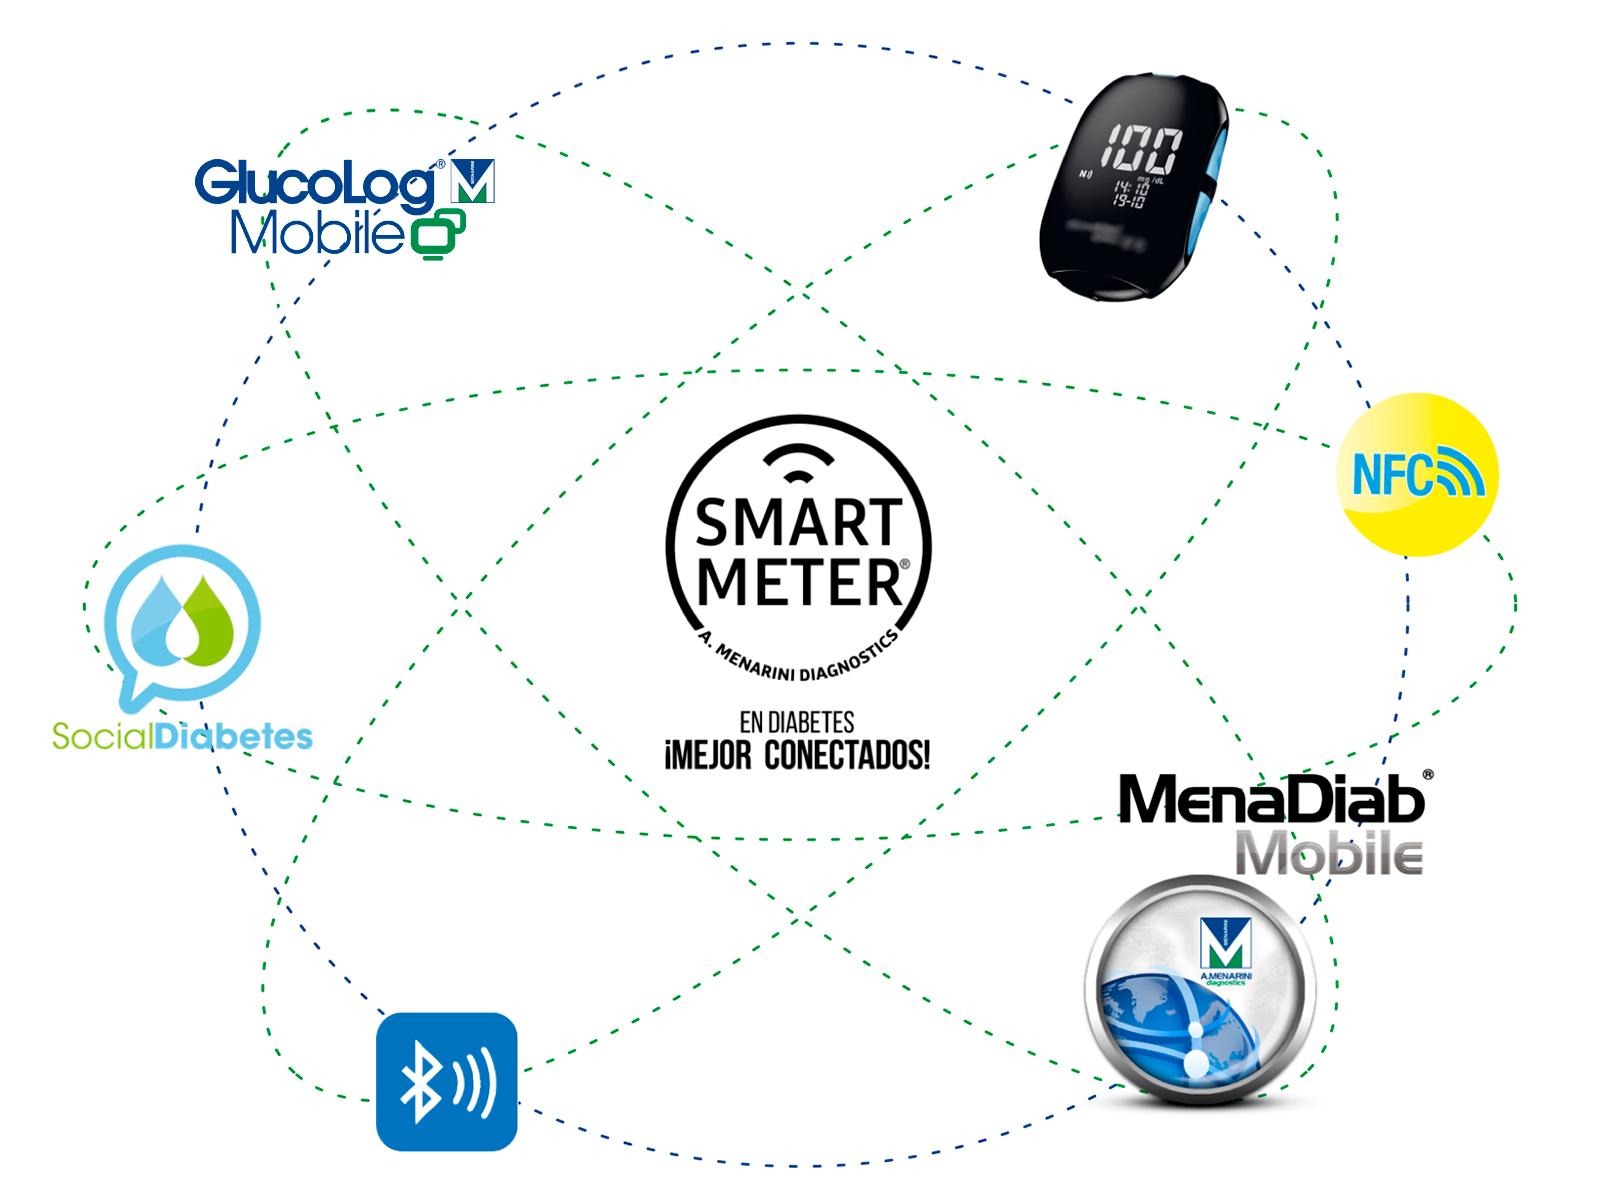 Gestión inteligente de la diabetes con medidores inteligentes (SmartMeter) y Apps de diabetes